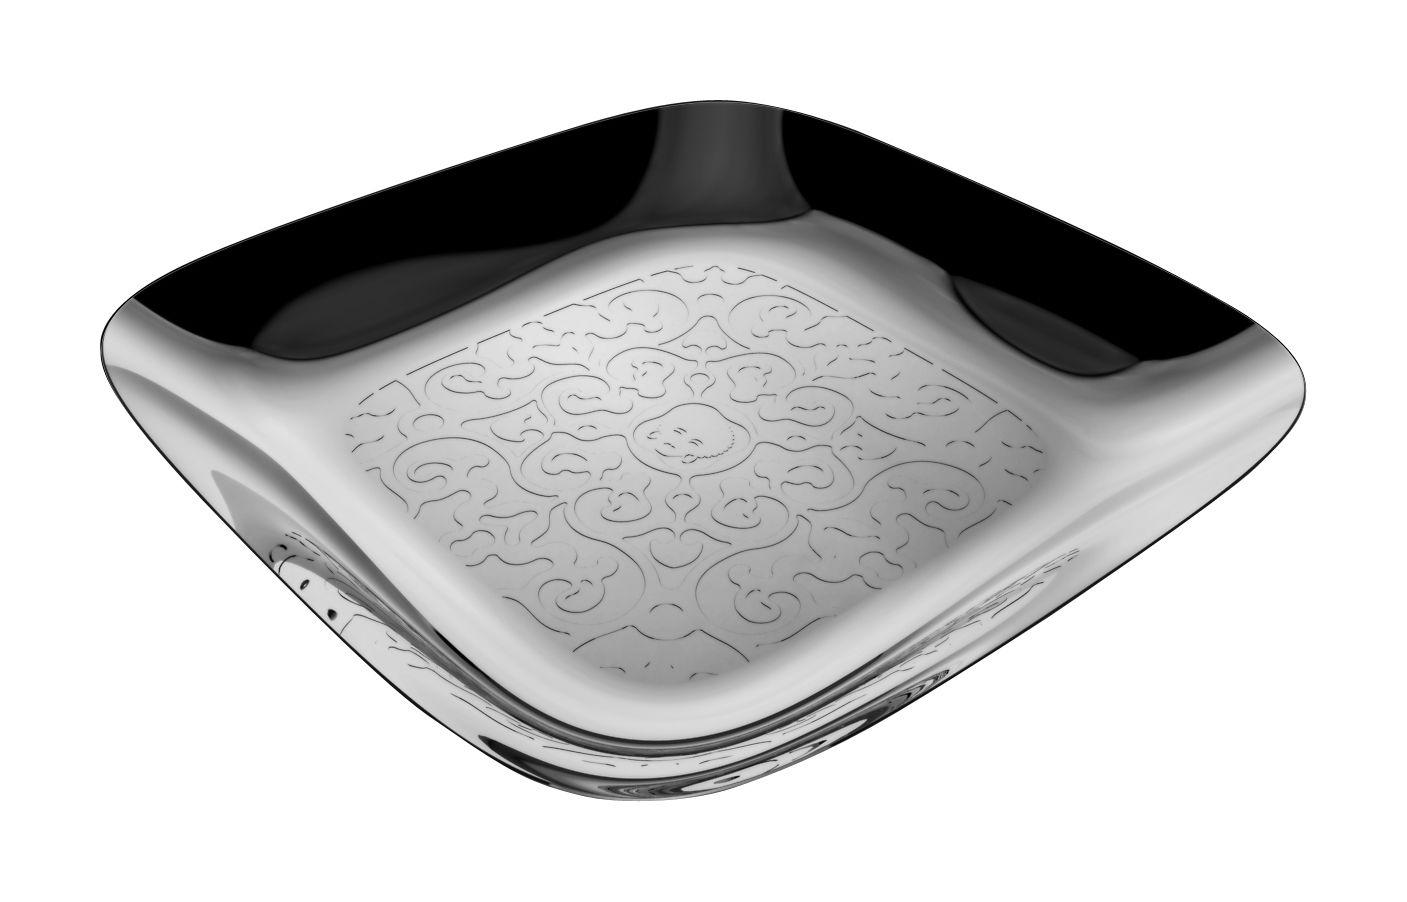 Arts de la table - Plateaux - Plateau Dressed carré / 34 x 34 cm - Alessi - 34 x 34 cm - Acier poli - Acier inoxydable brillant